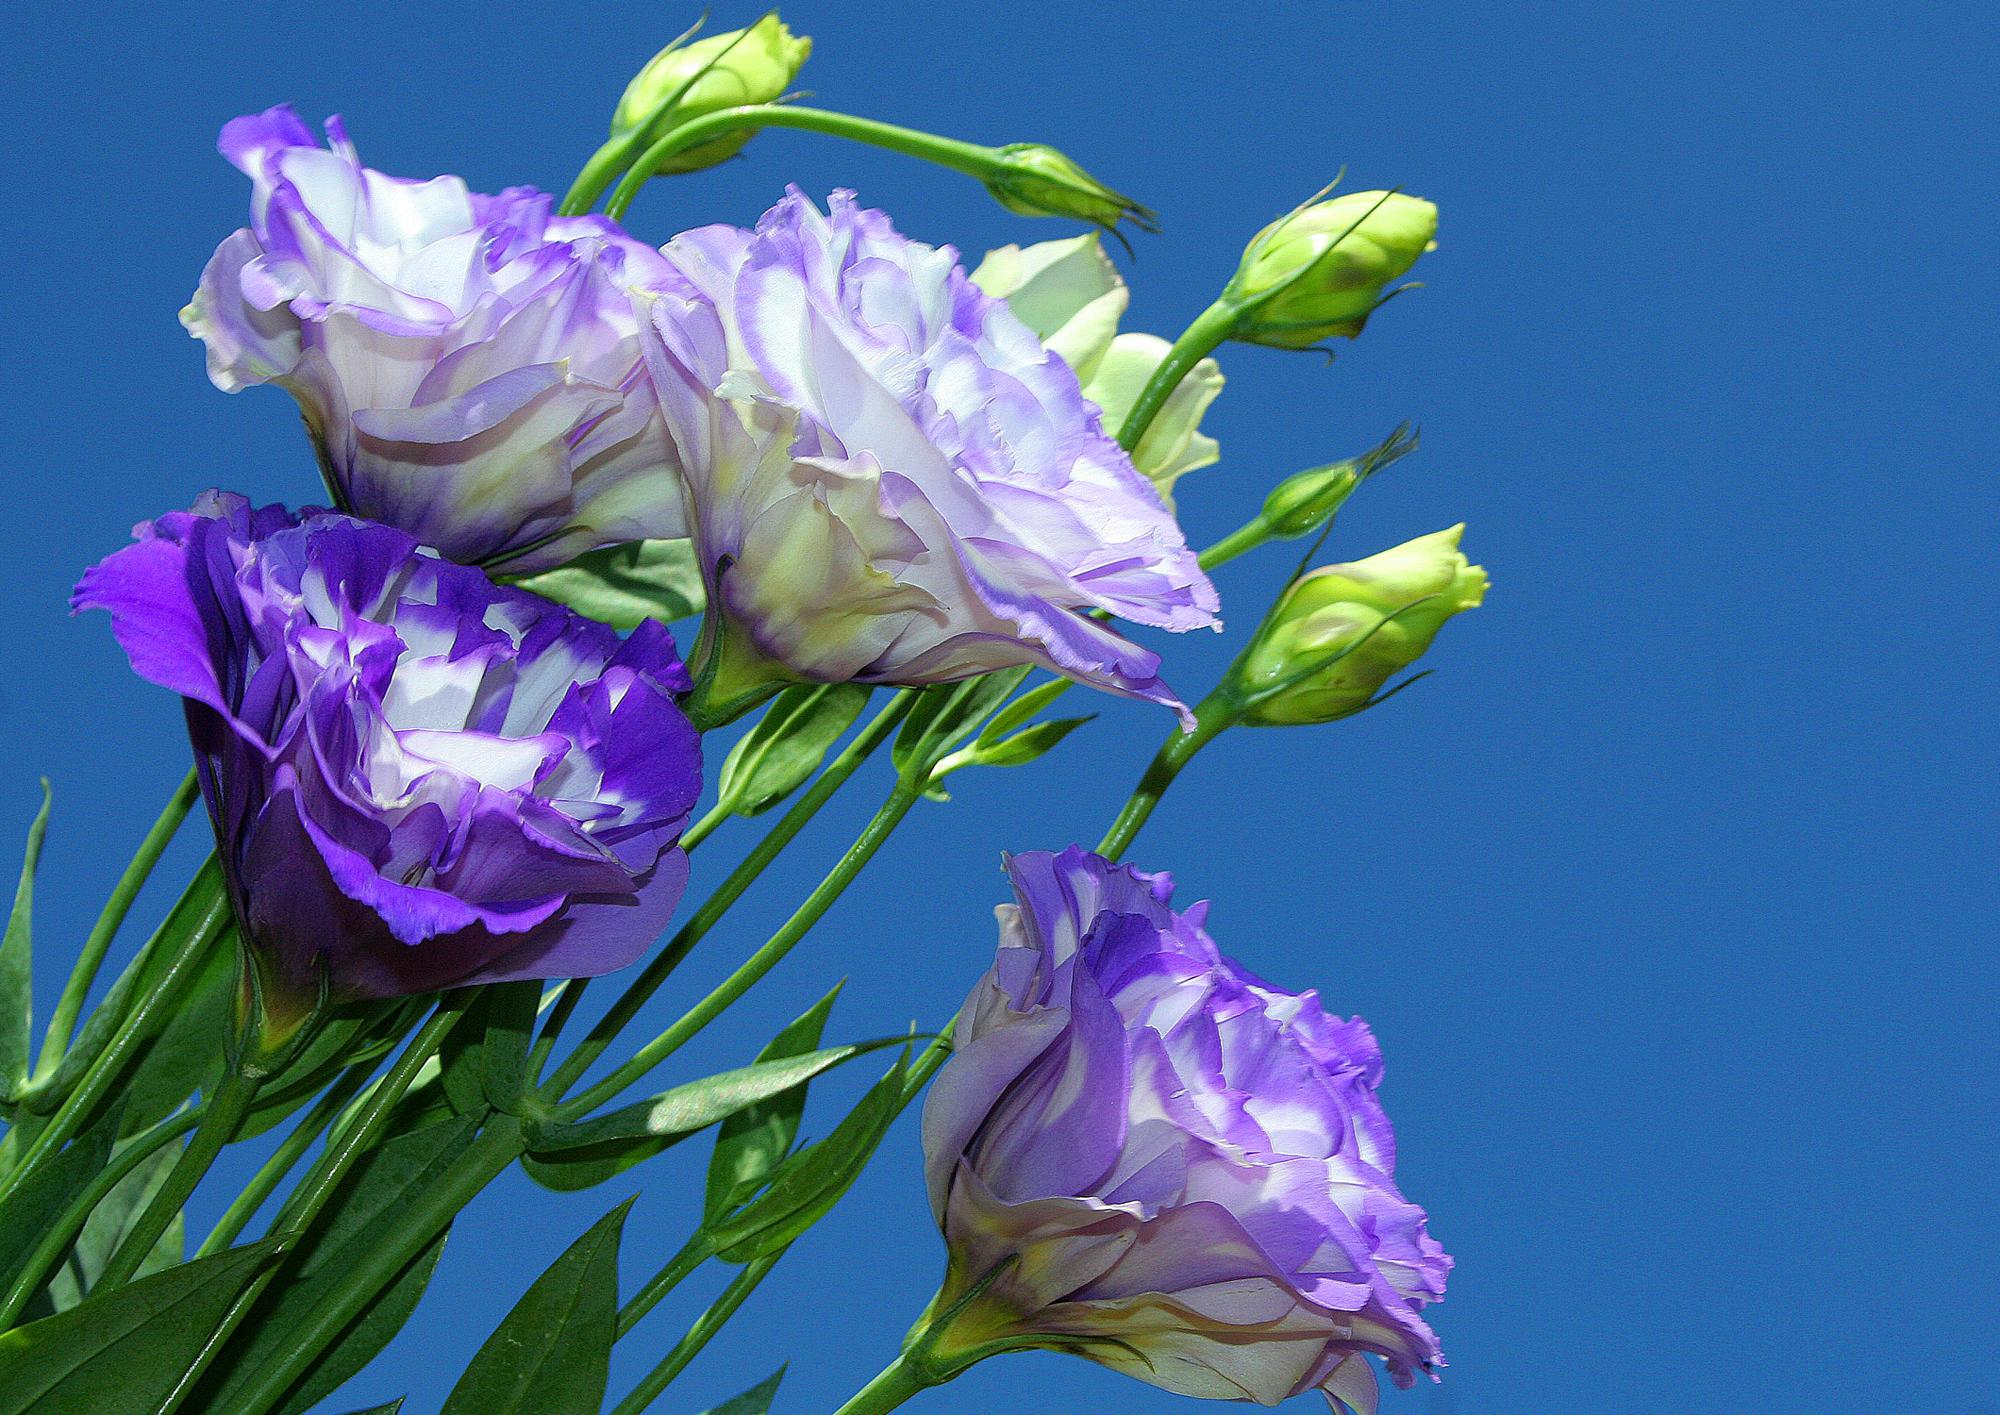 обои для рабочего стола эустома цветы № 634118 бесплатно